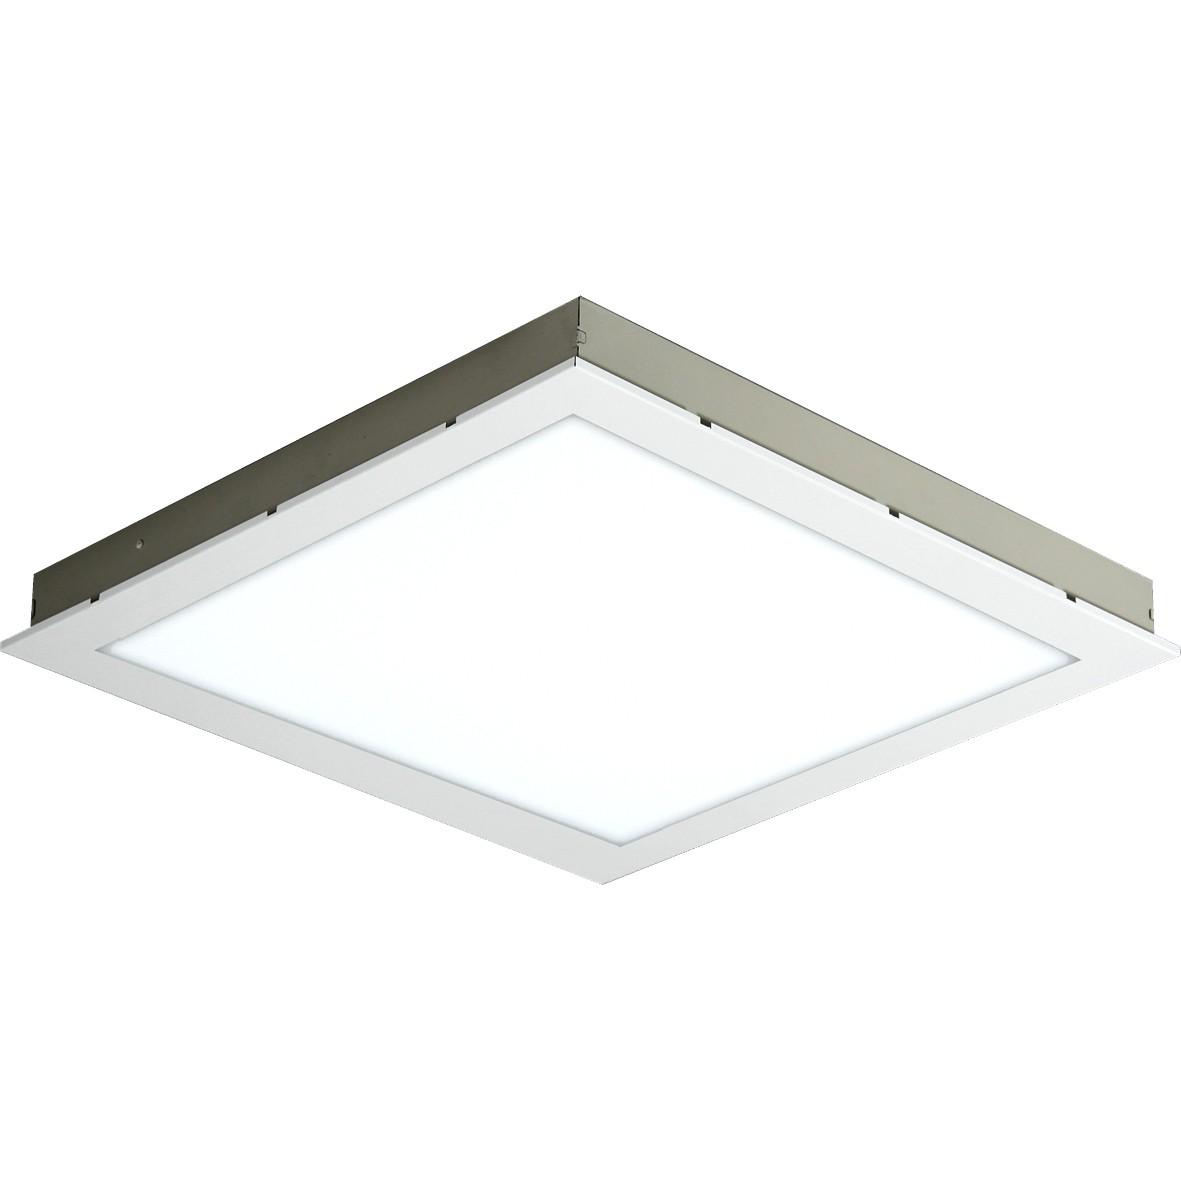 LED stropní panel IdeaLED NG 600x600 31W 4000K